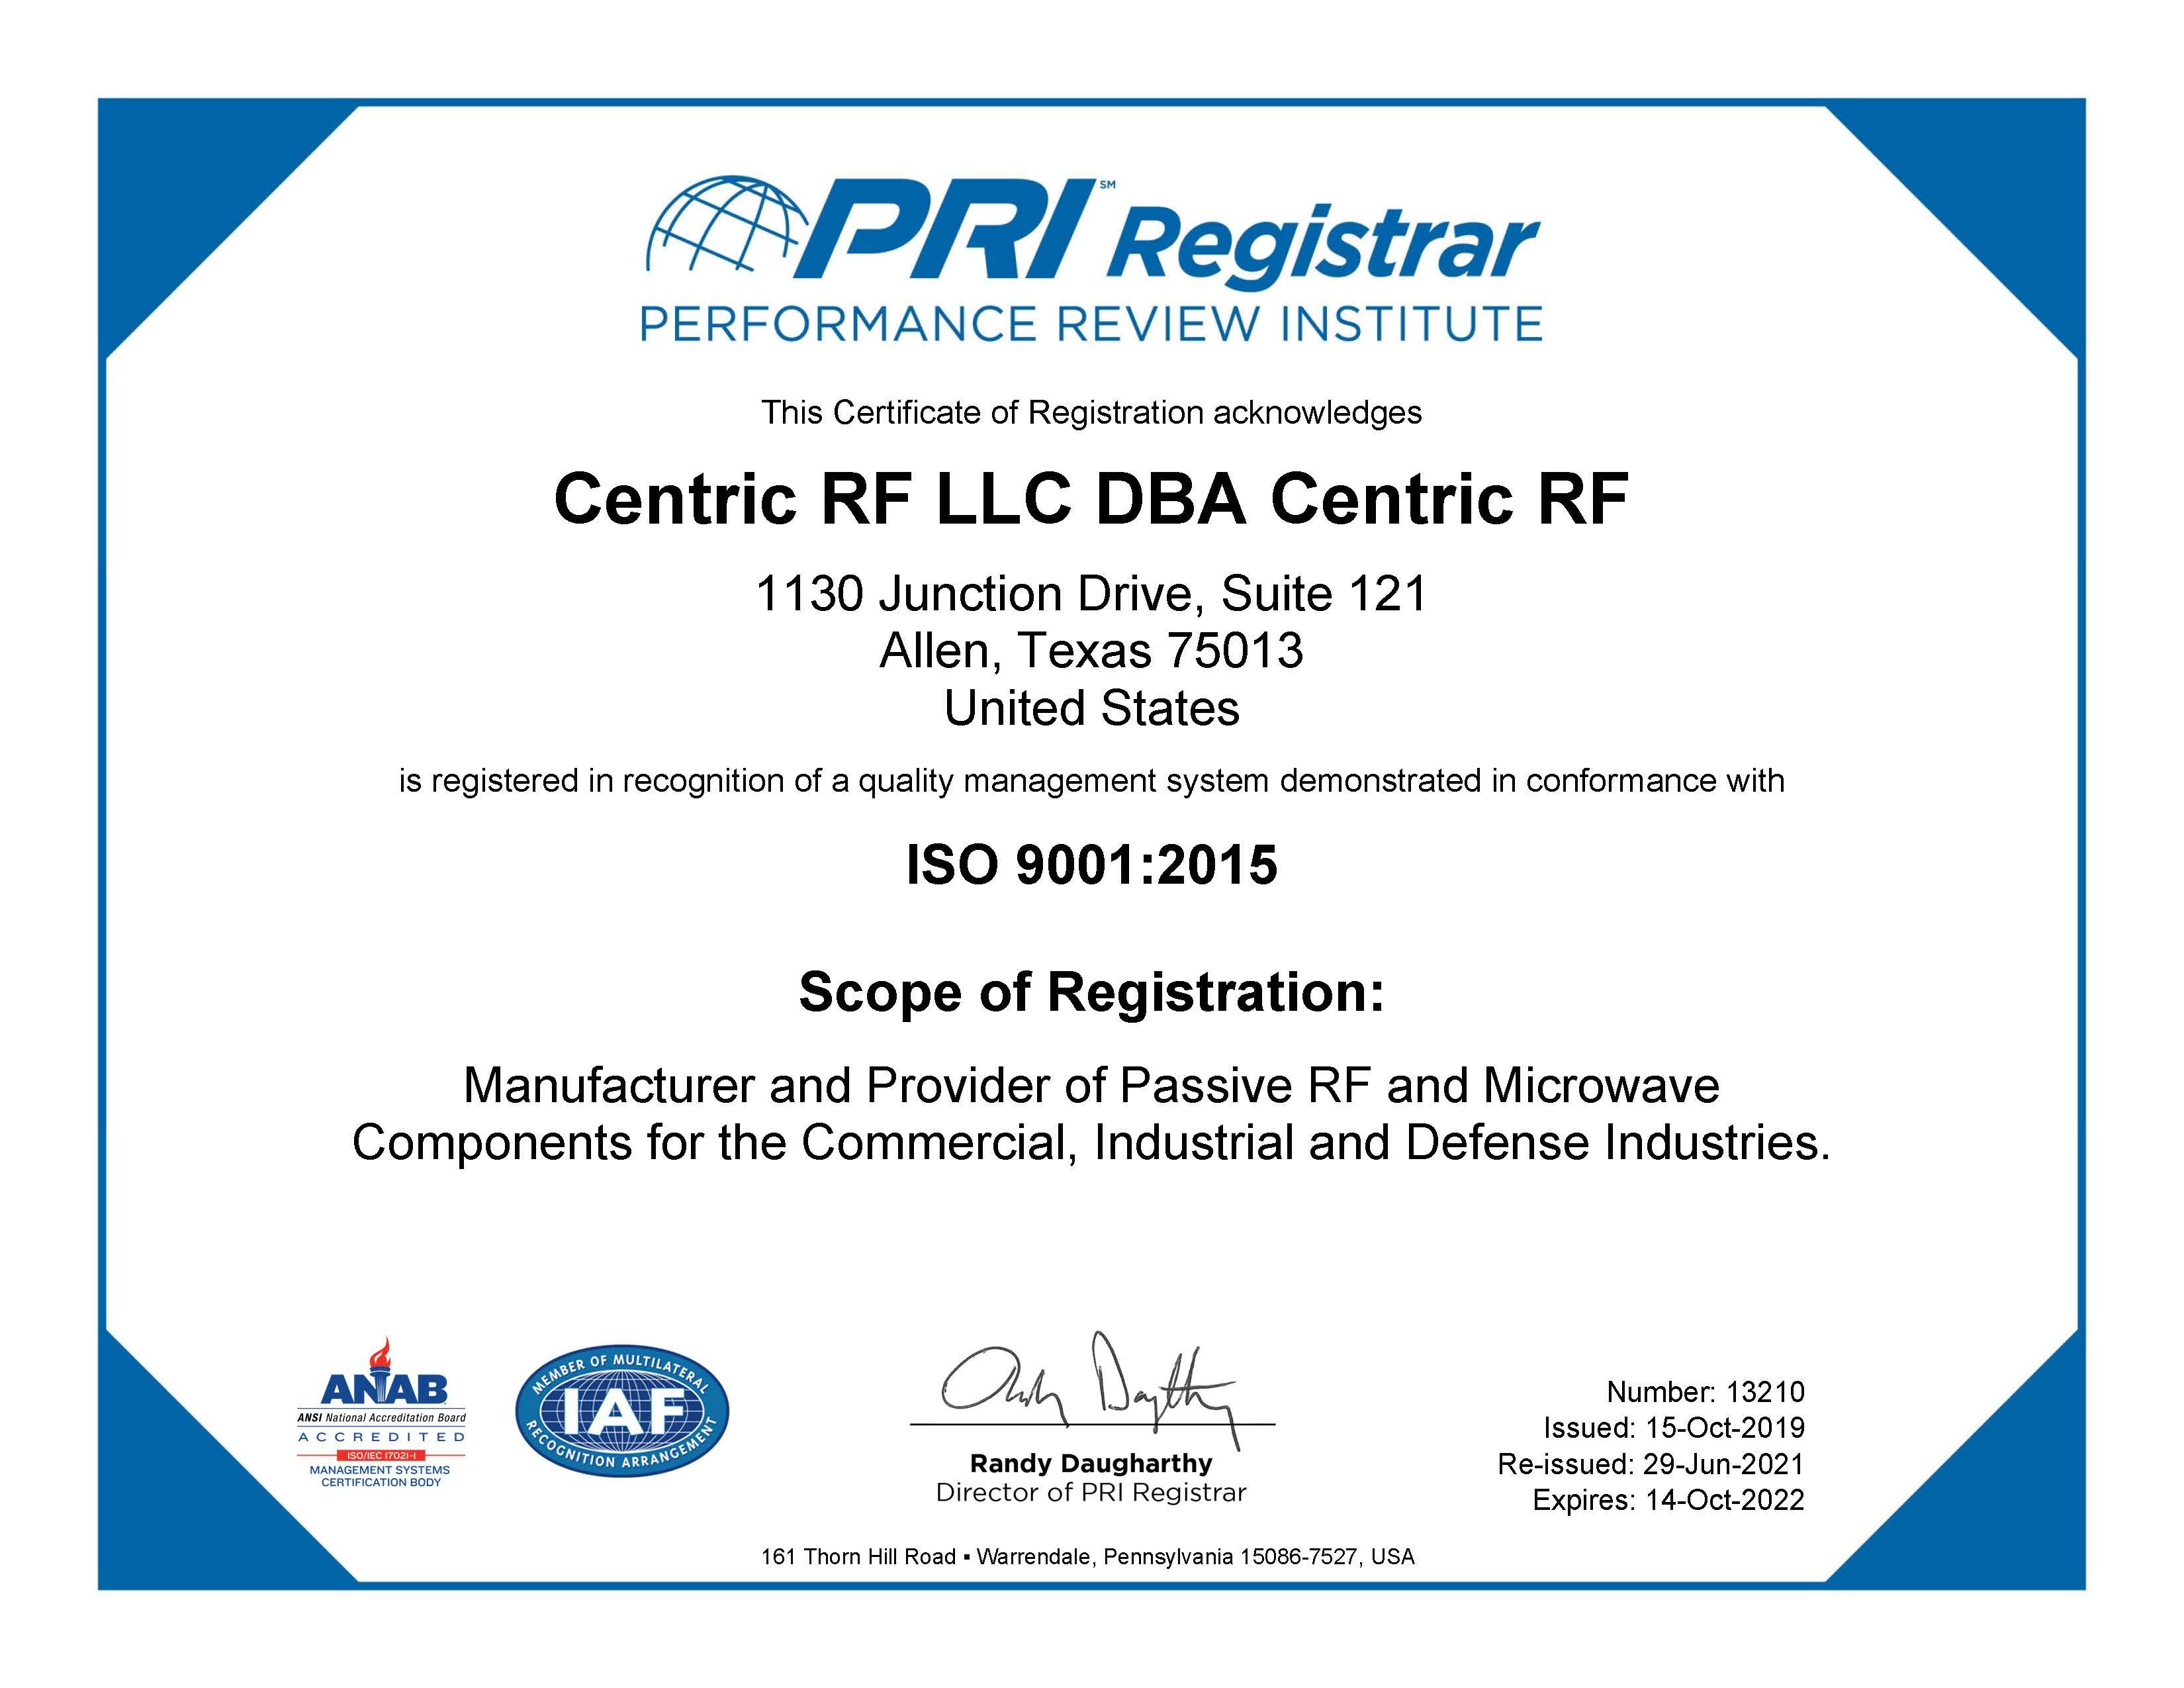 13210-centric-rf-llc-dba-centric-rf-29-jun-2021.jpg